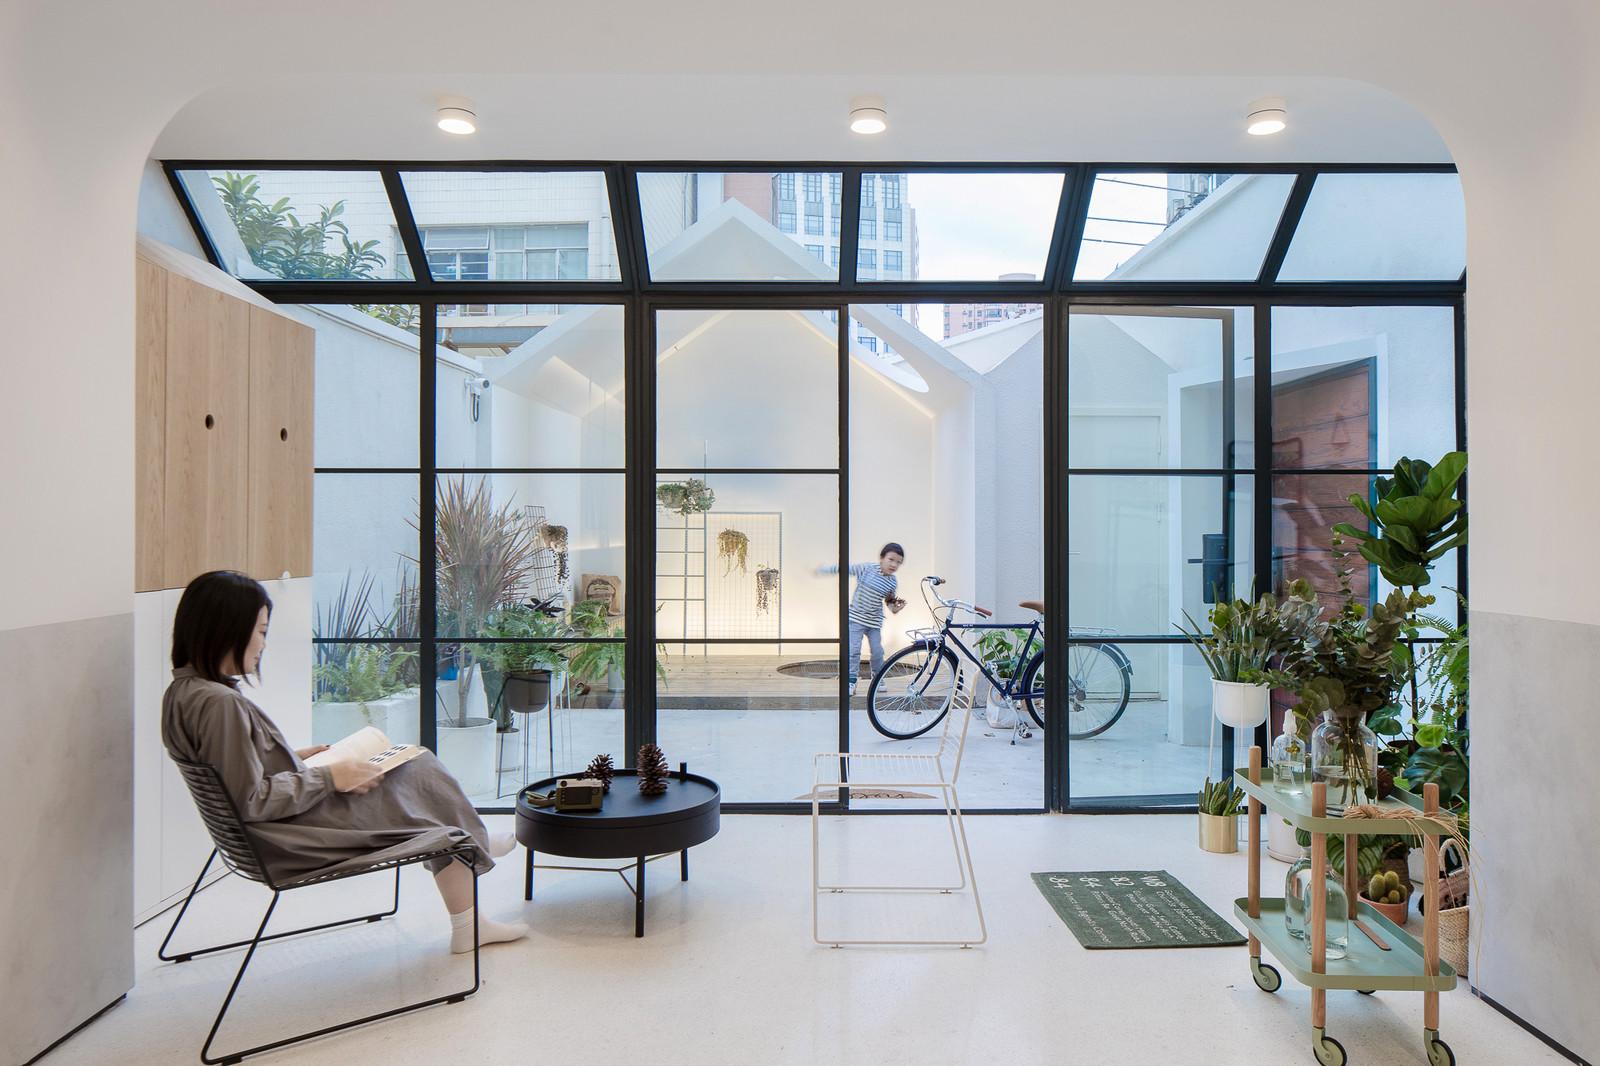 Резиденция, увеличивающаяся в размерах